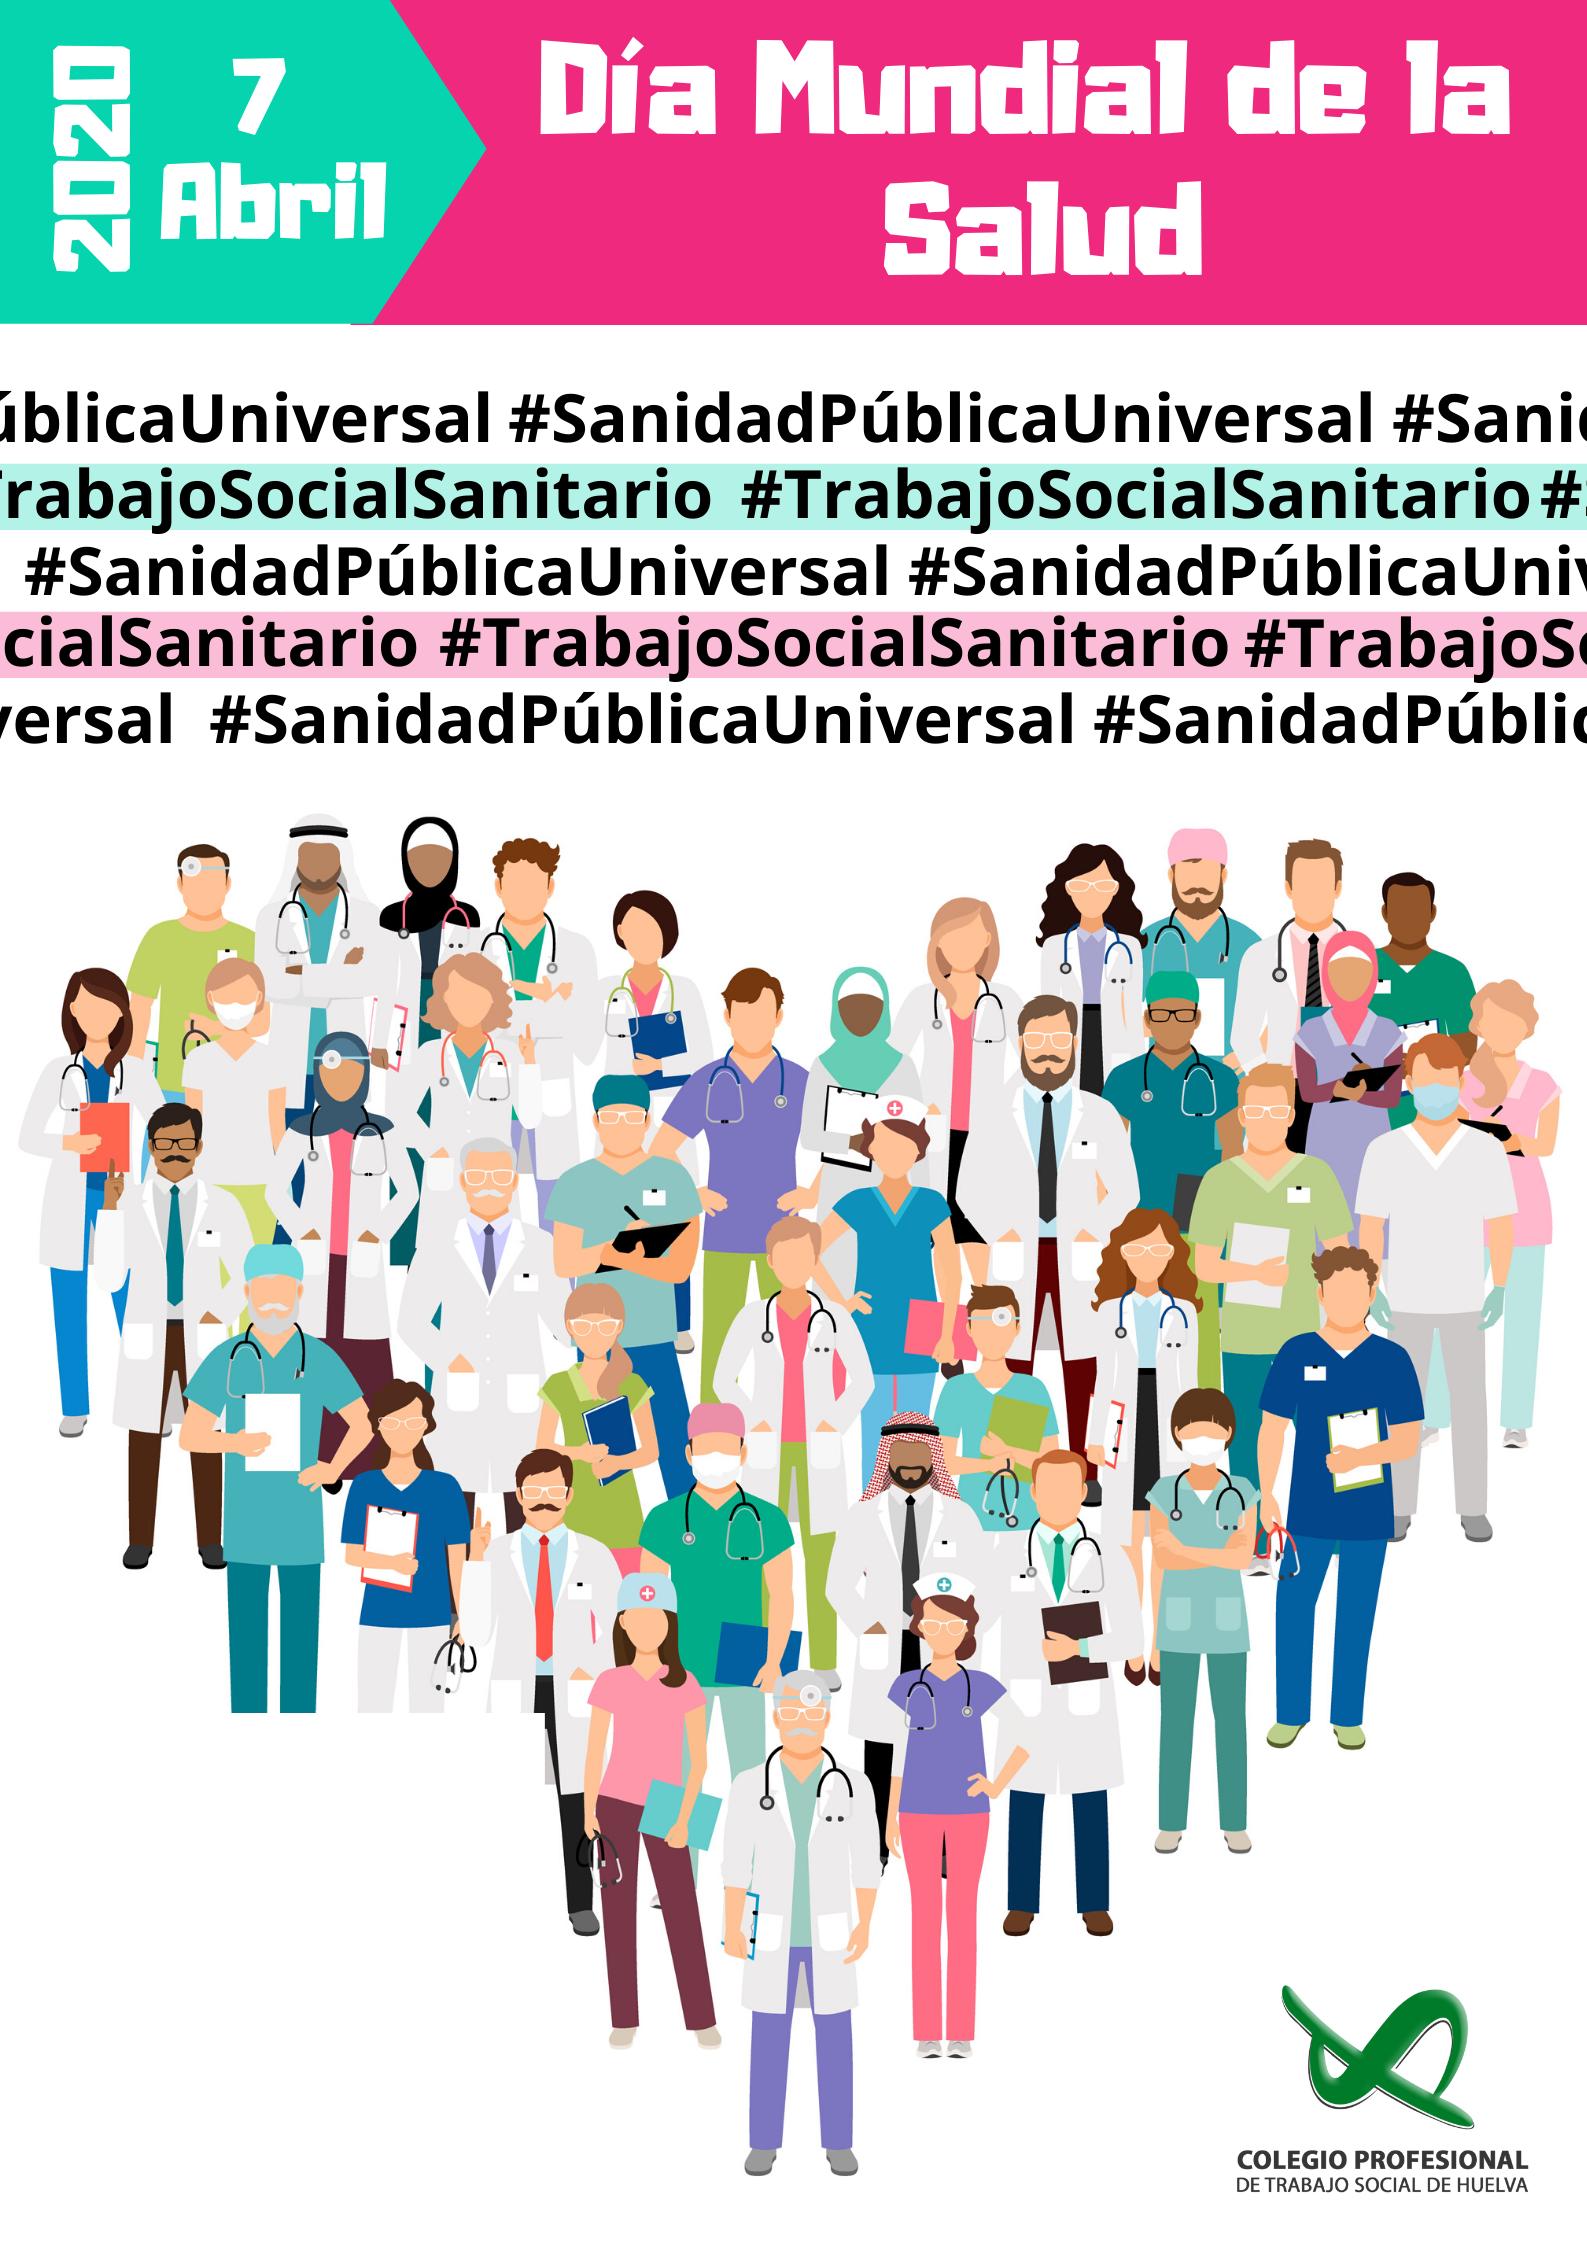 DÍA MUNDIAL DE LA SALUD Y TRABAJO SOCIAL SANITARIO